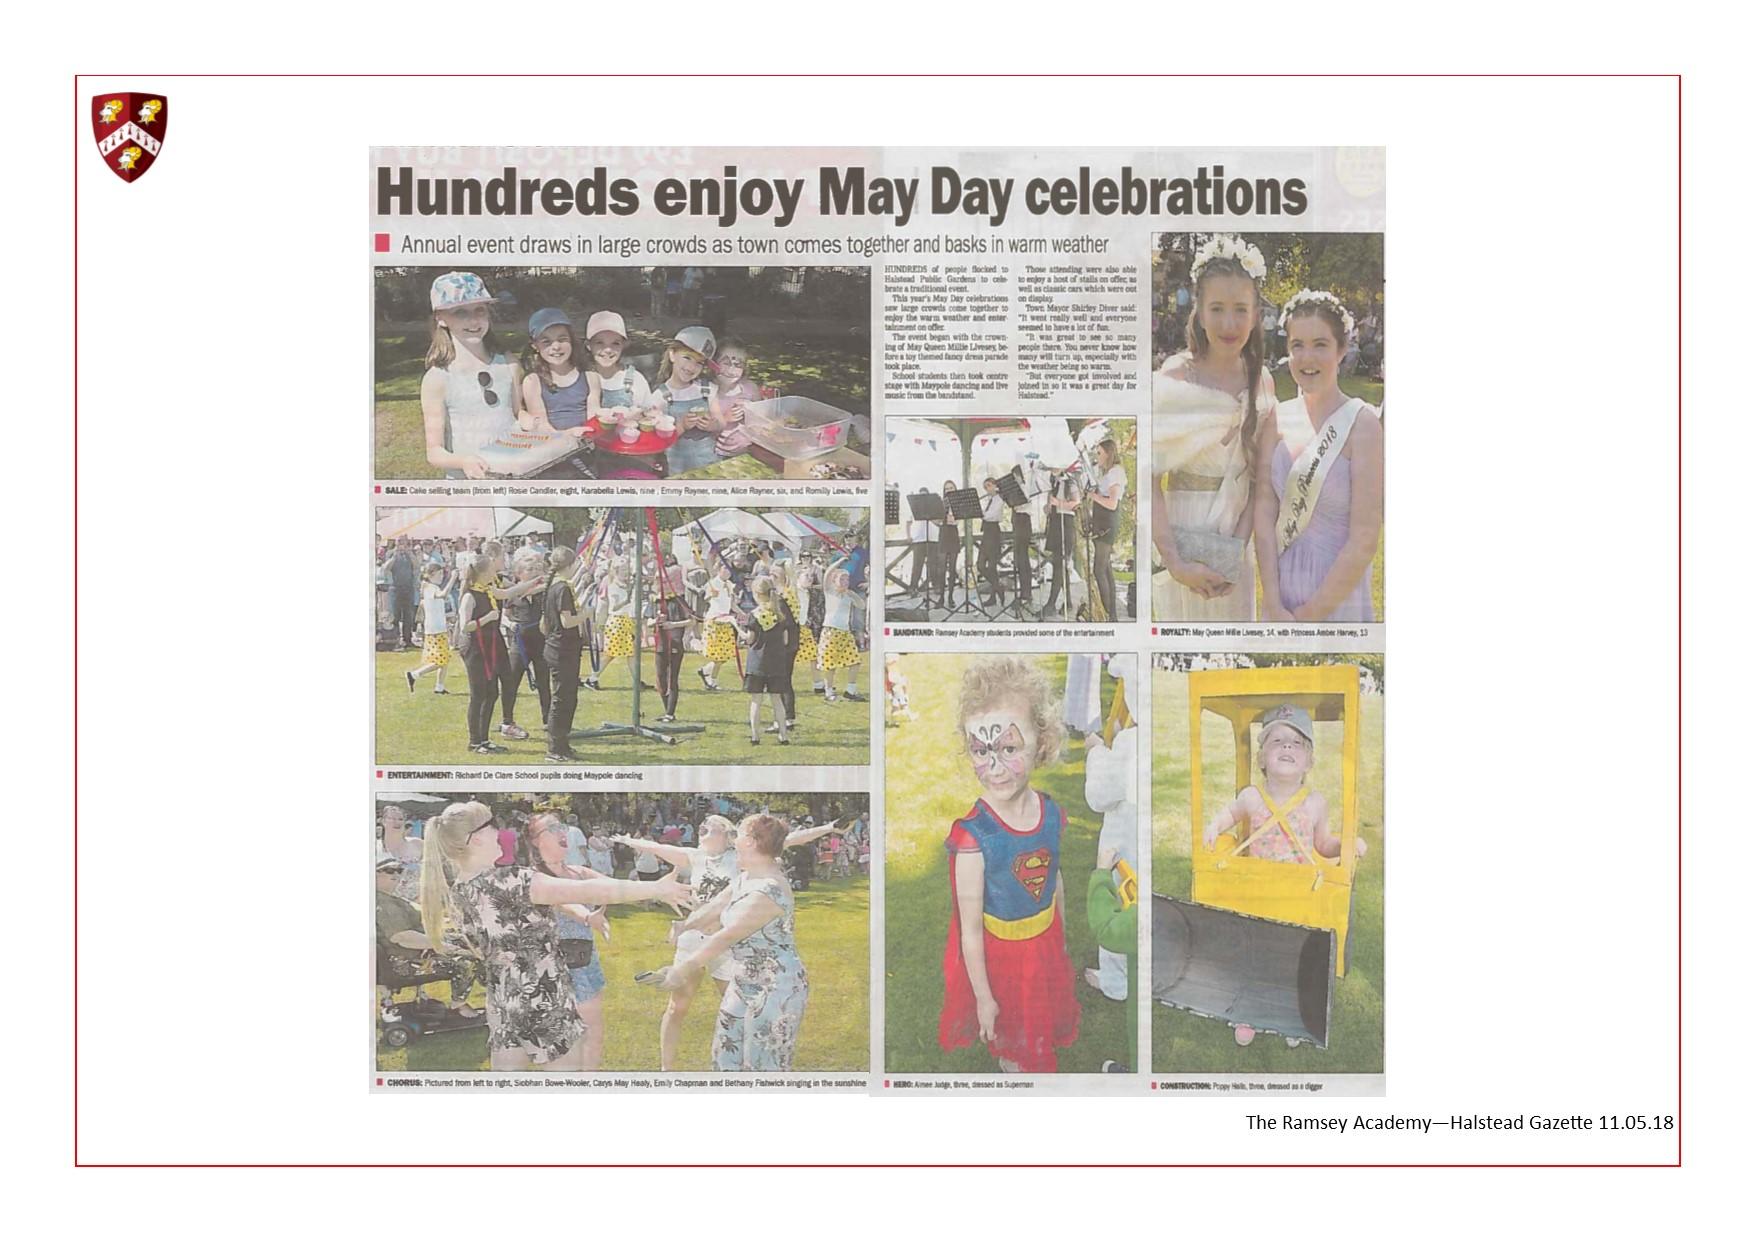 Hundreds Enjoy May Day Celebrations 11.05.18